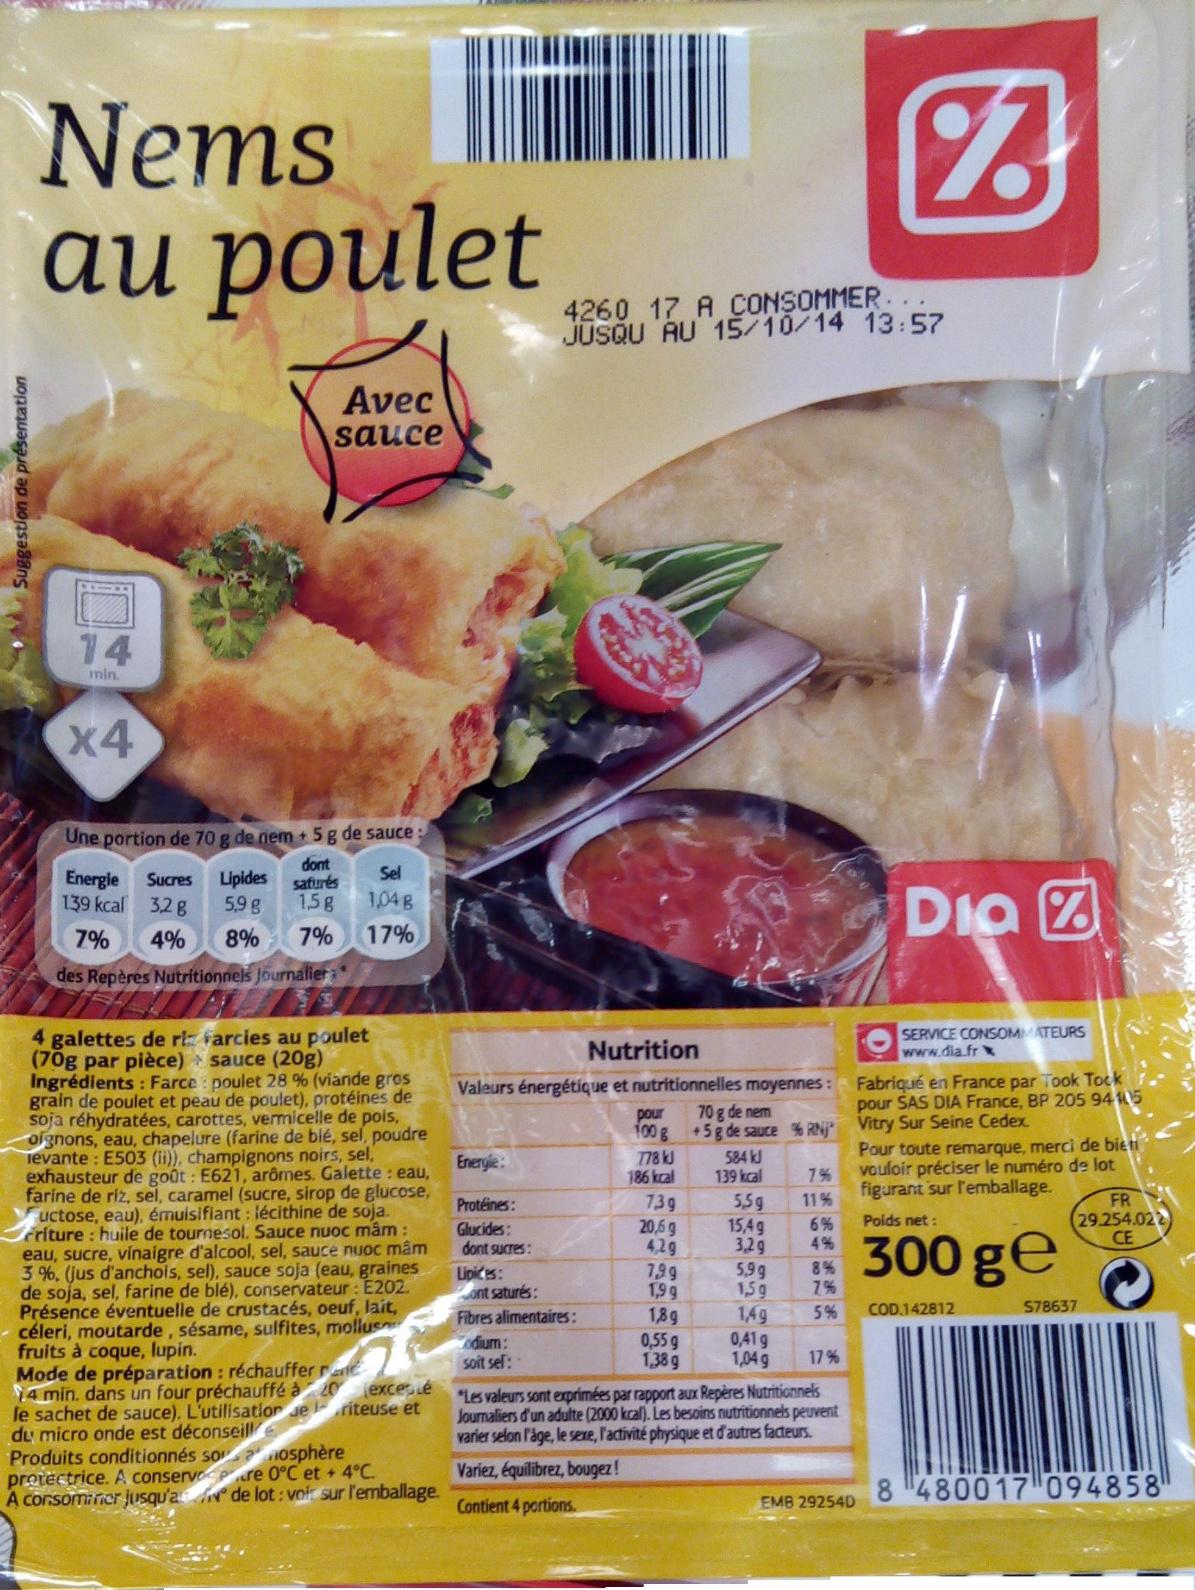 Nems au poulet, Avec sauce (x 4) - Product - fr